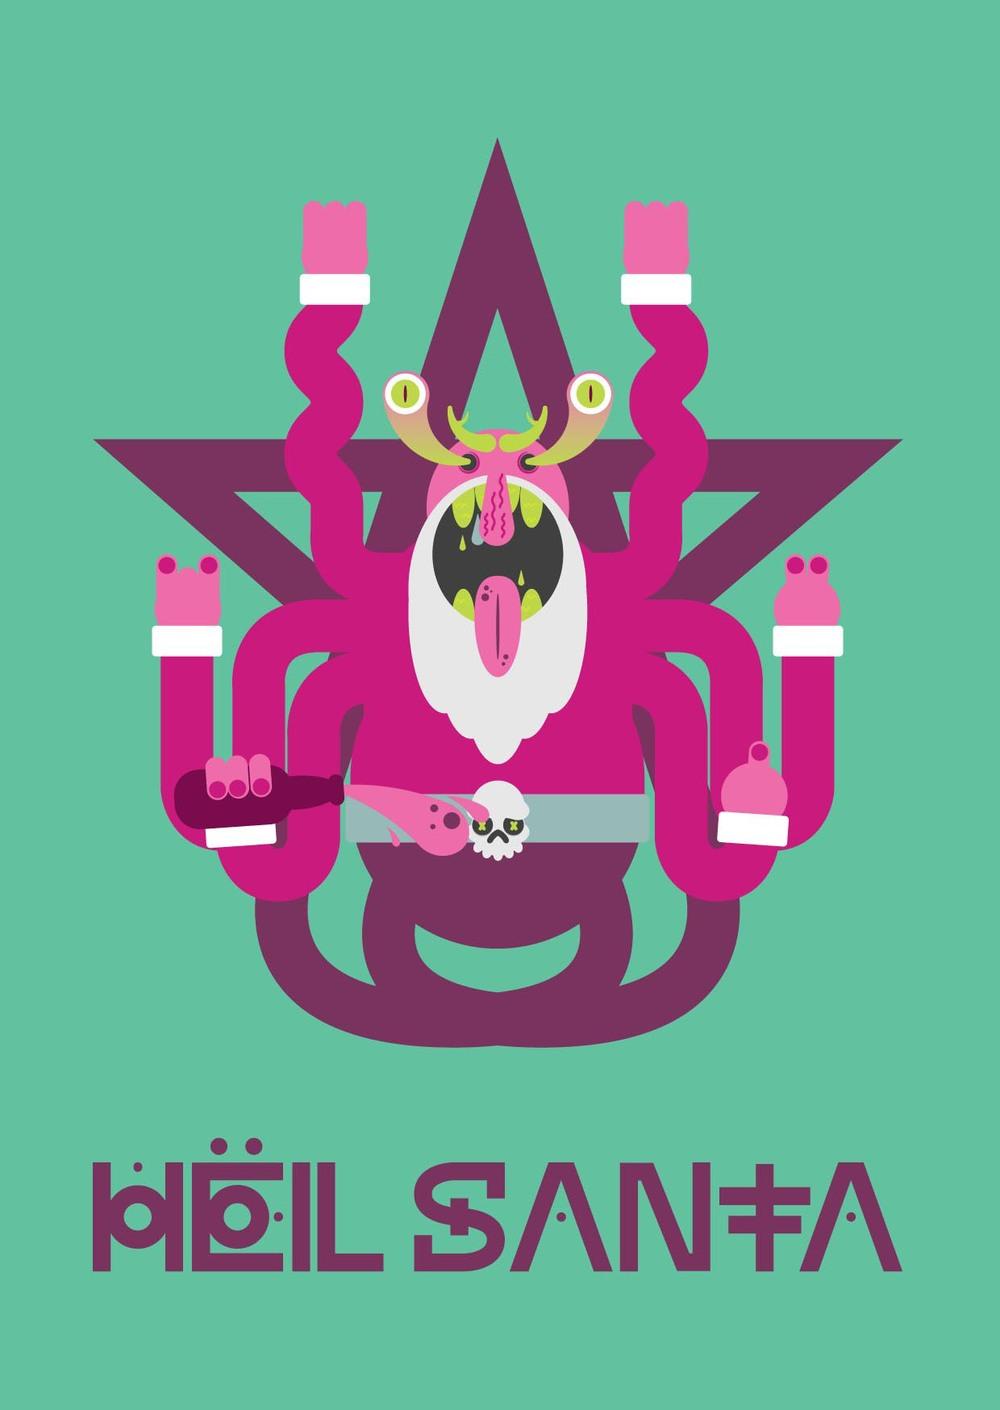 HeilSanta.jpg